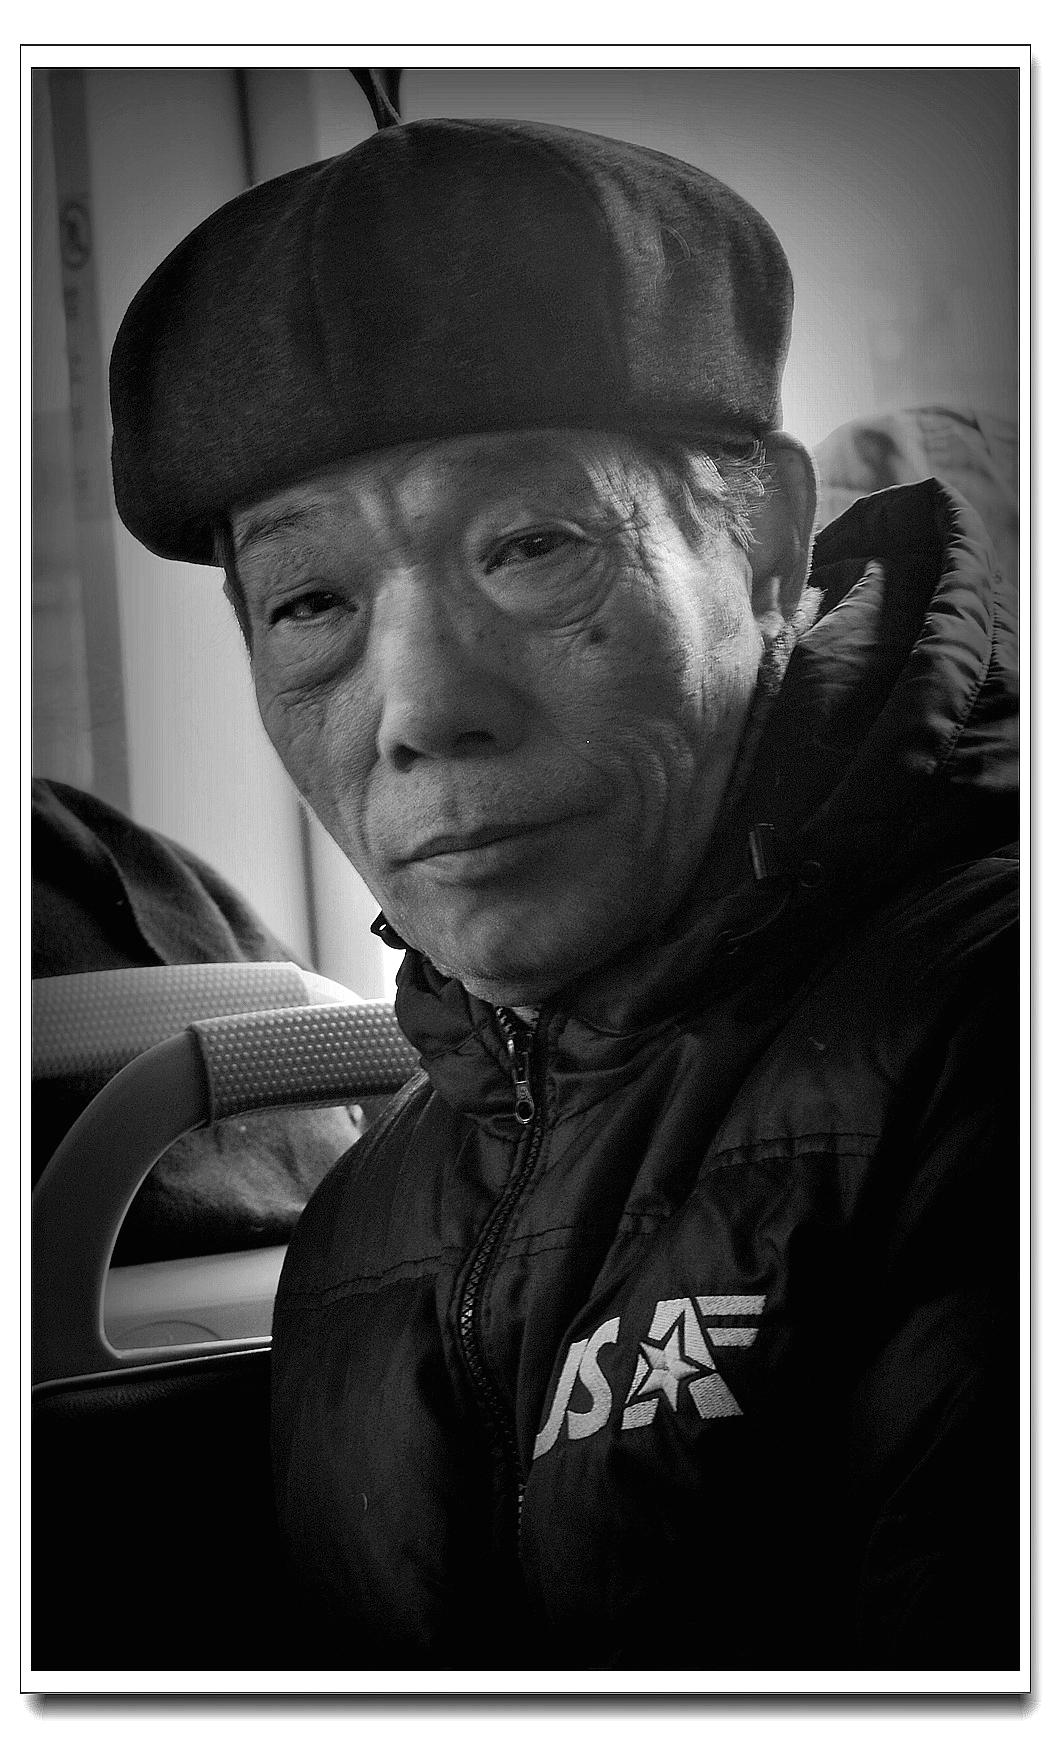 老张喜爱摄影作品:公交车上的老者